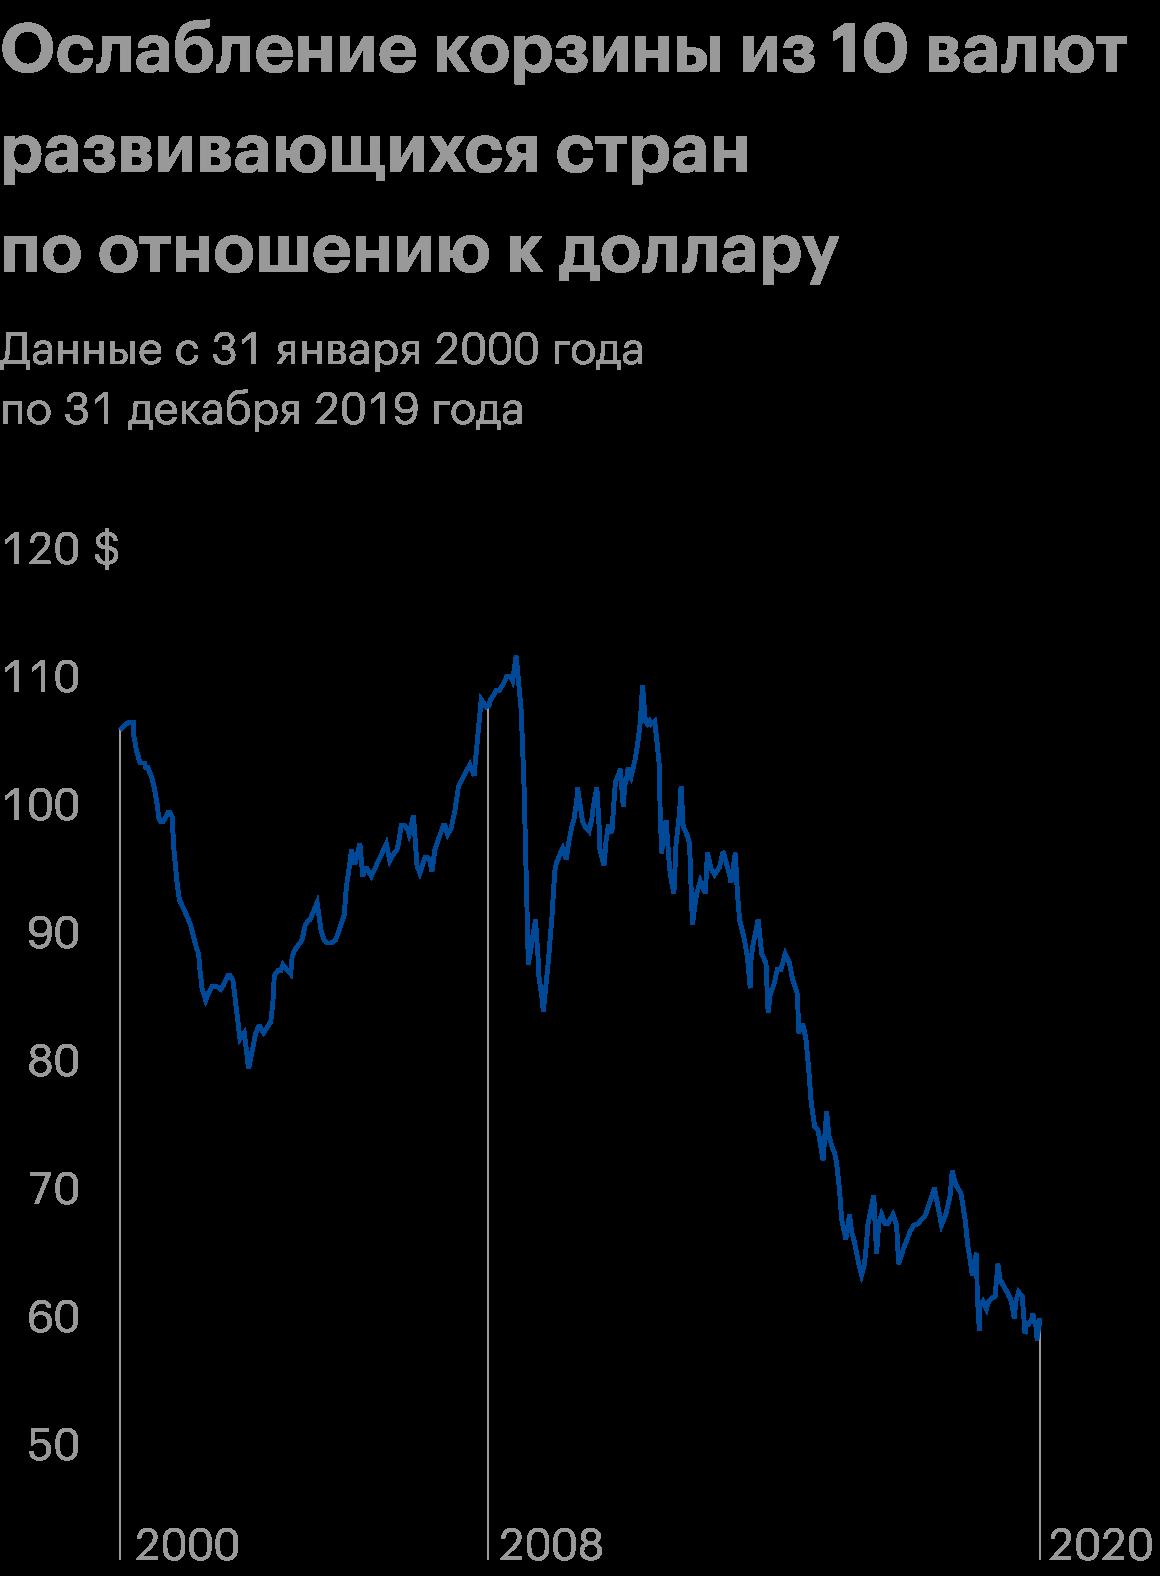 Ослабление носит волновой характер — сопровождается периодическими импульсами укрепления корзины развивающихся валют по отношению к американской. Источник: Wasatch Global Investors